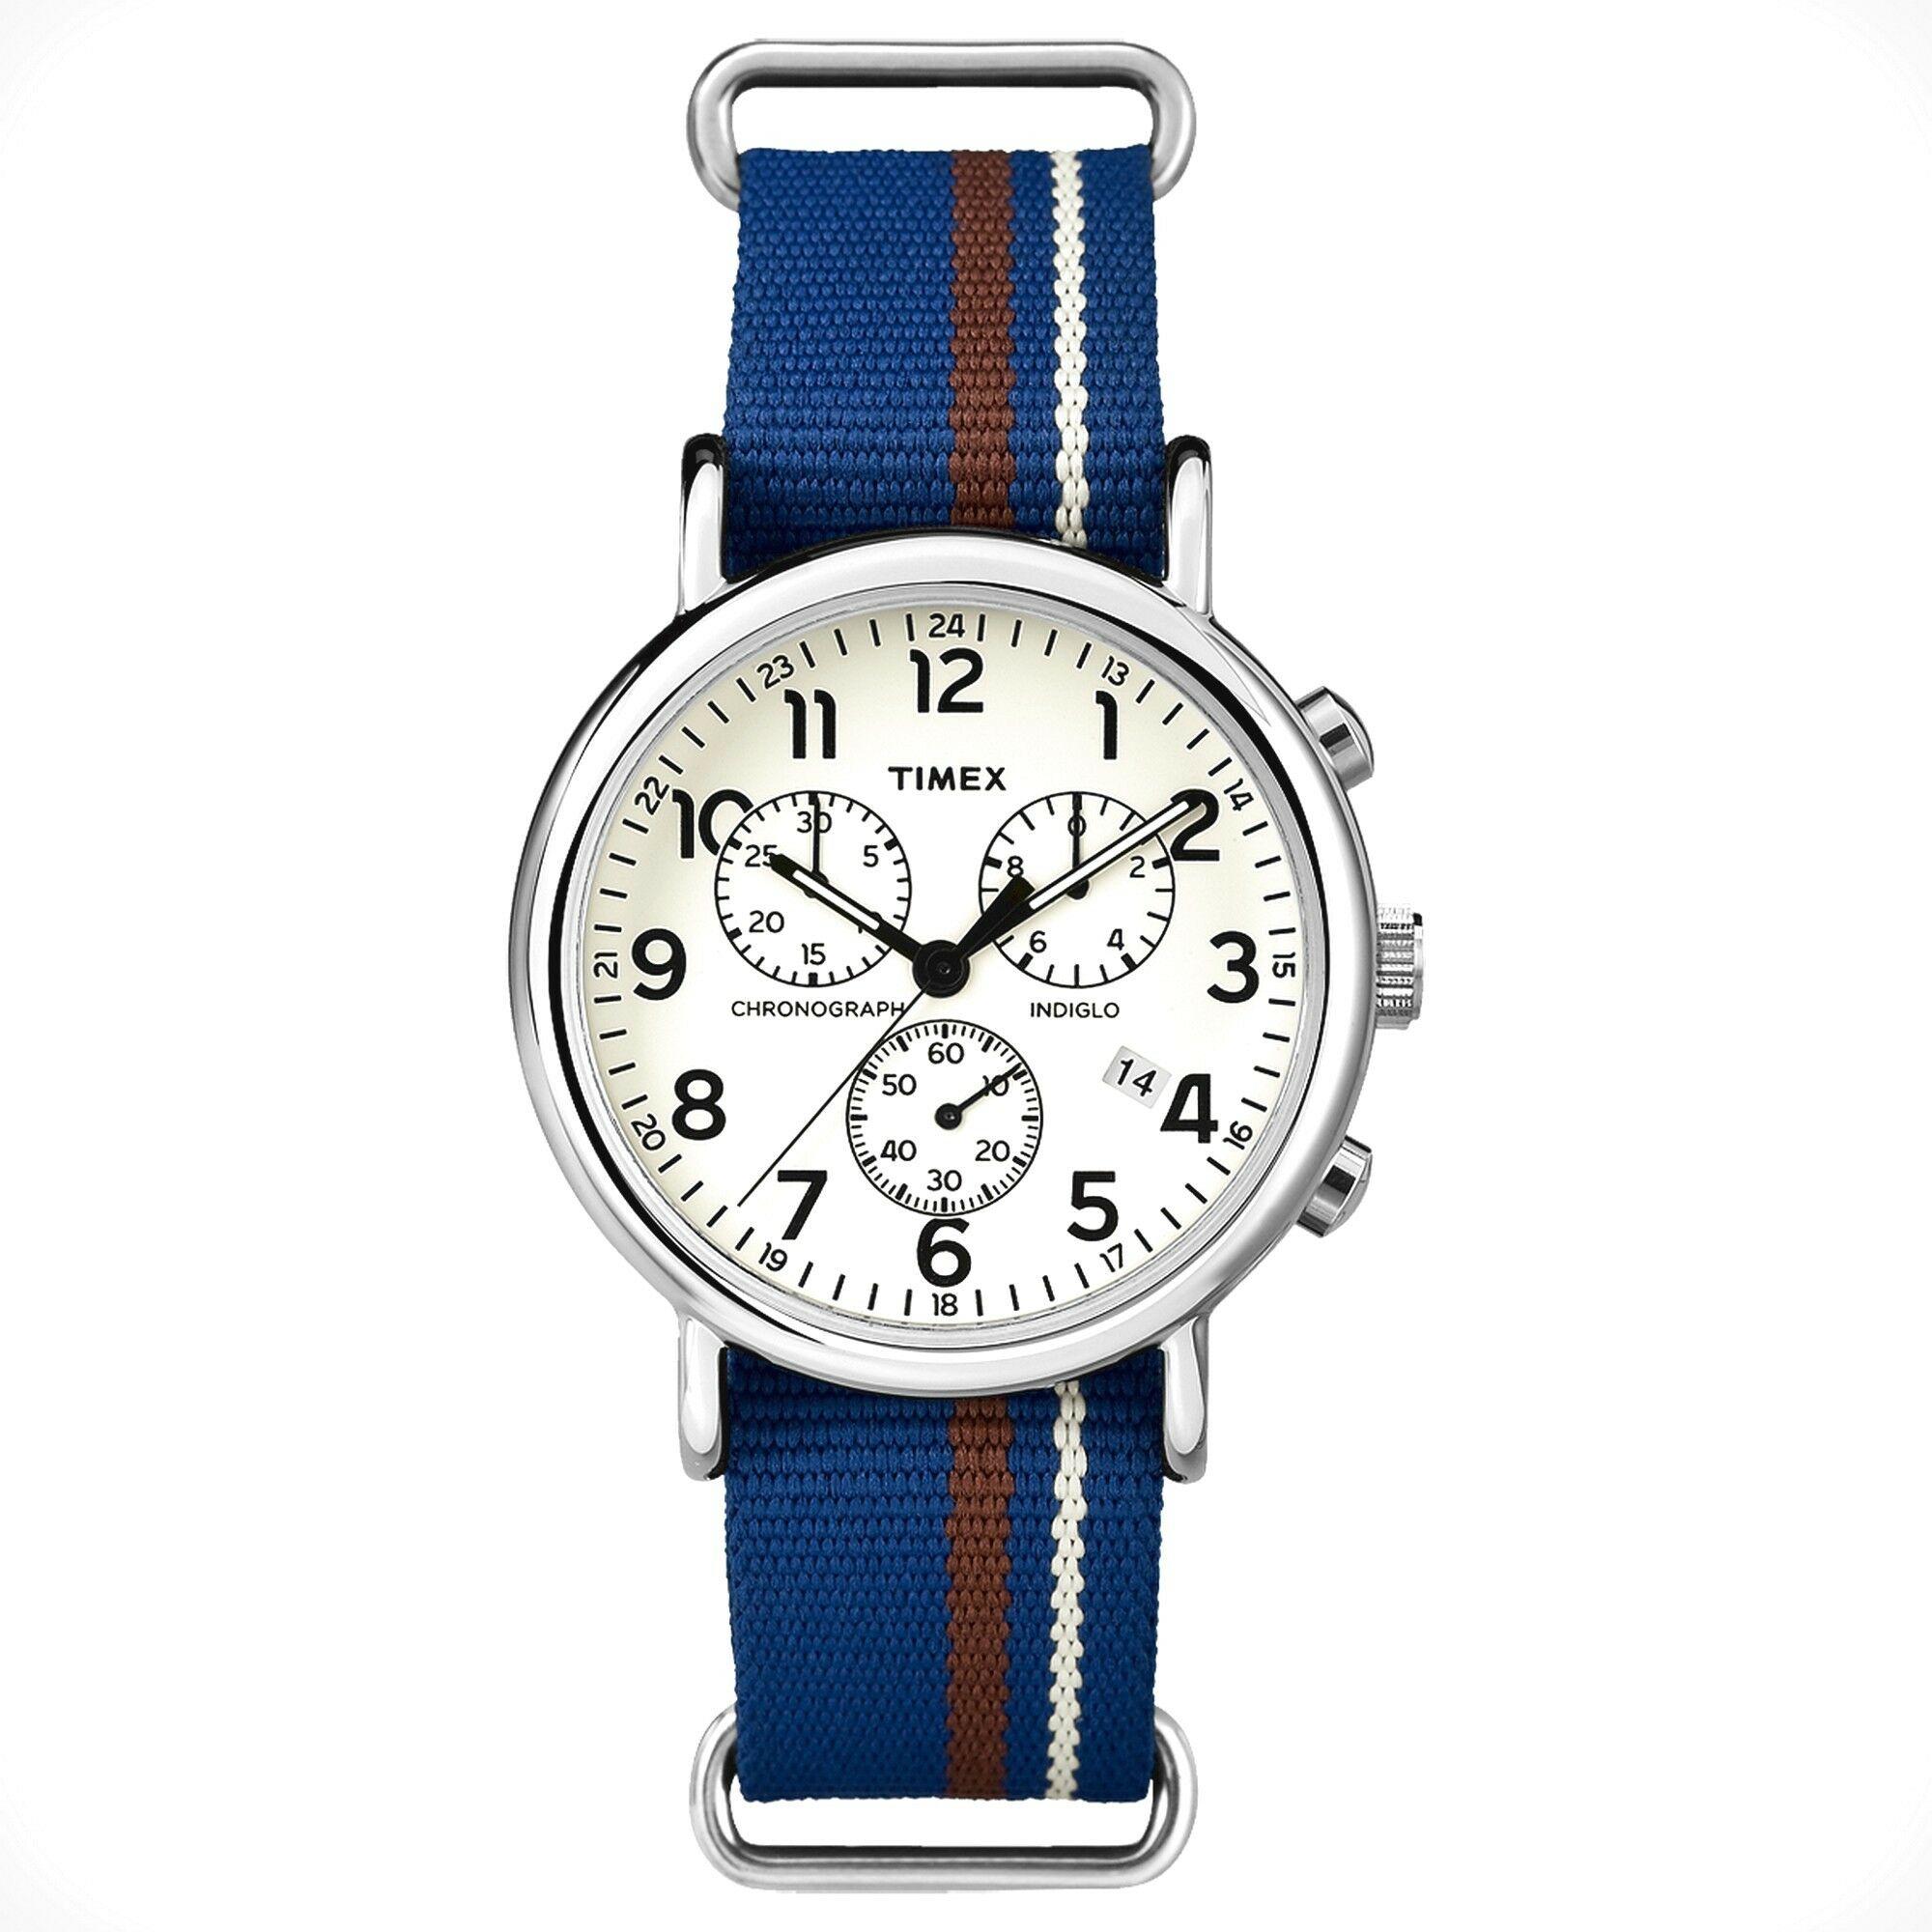 Zegarek Timex TW2P62400 Weekender Chrono Oversized - CENA DO NEGOCJACJI - DOSTAWA DHL GRATIS, KUPUJ BEZ RYZYKA - 100 dni na zwrot, możliwość wygrawerowania dowolnego tekstu.